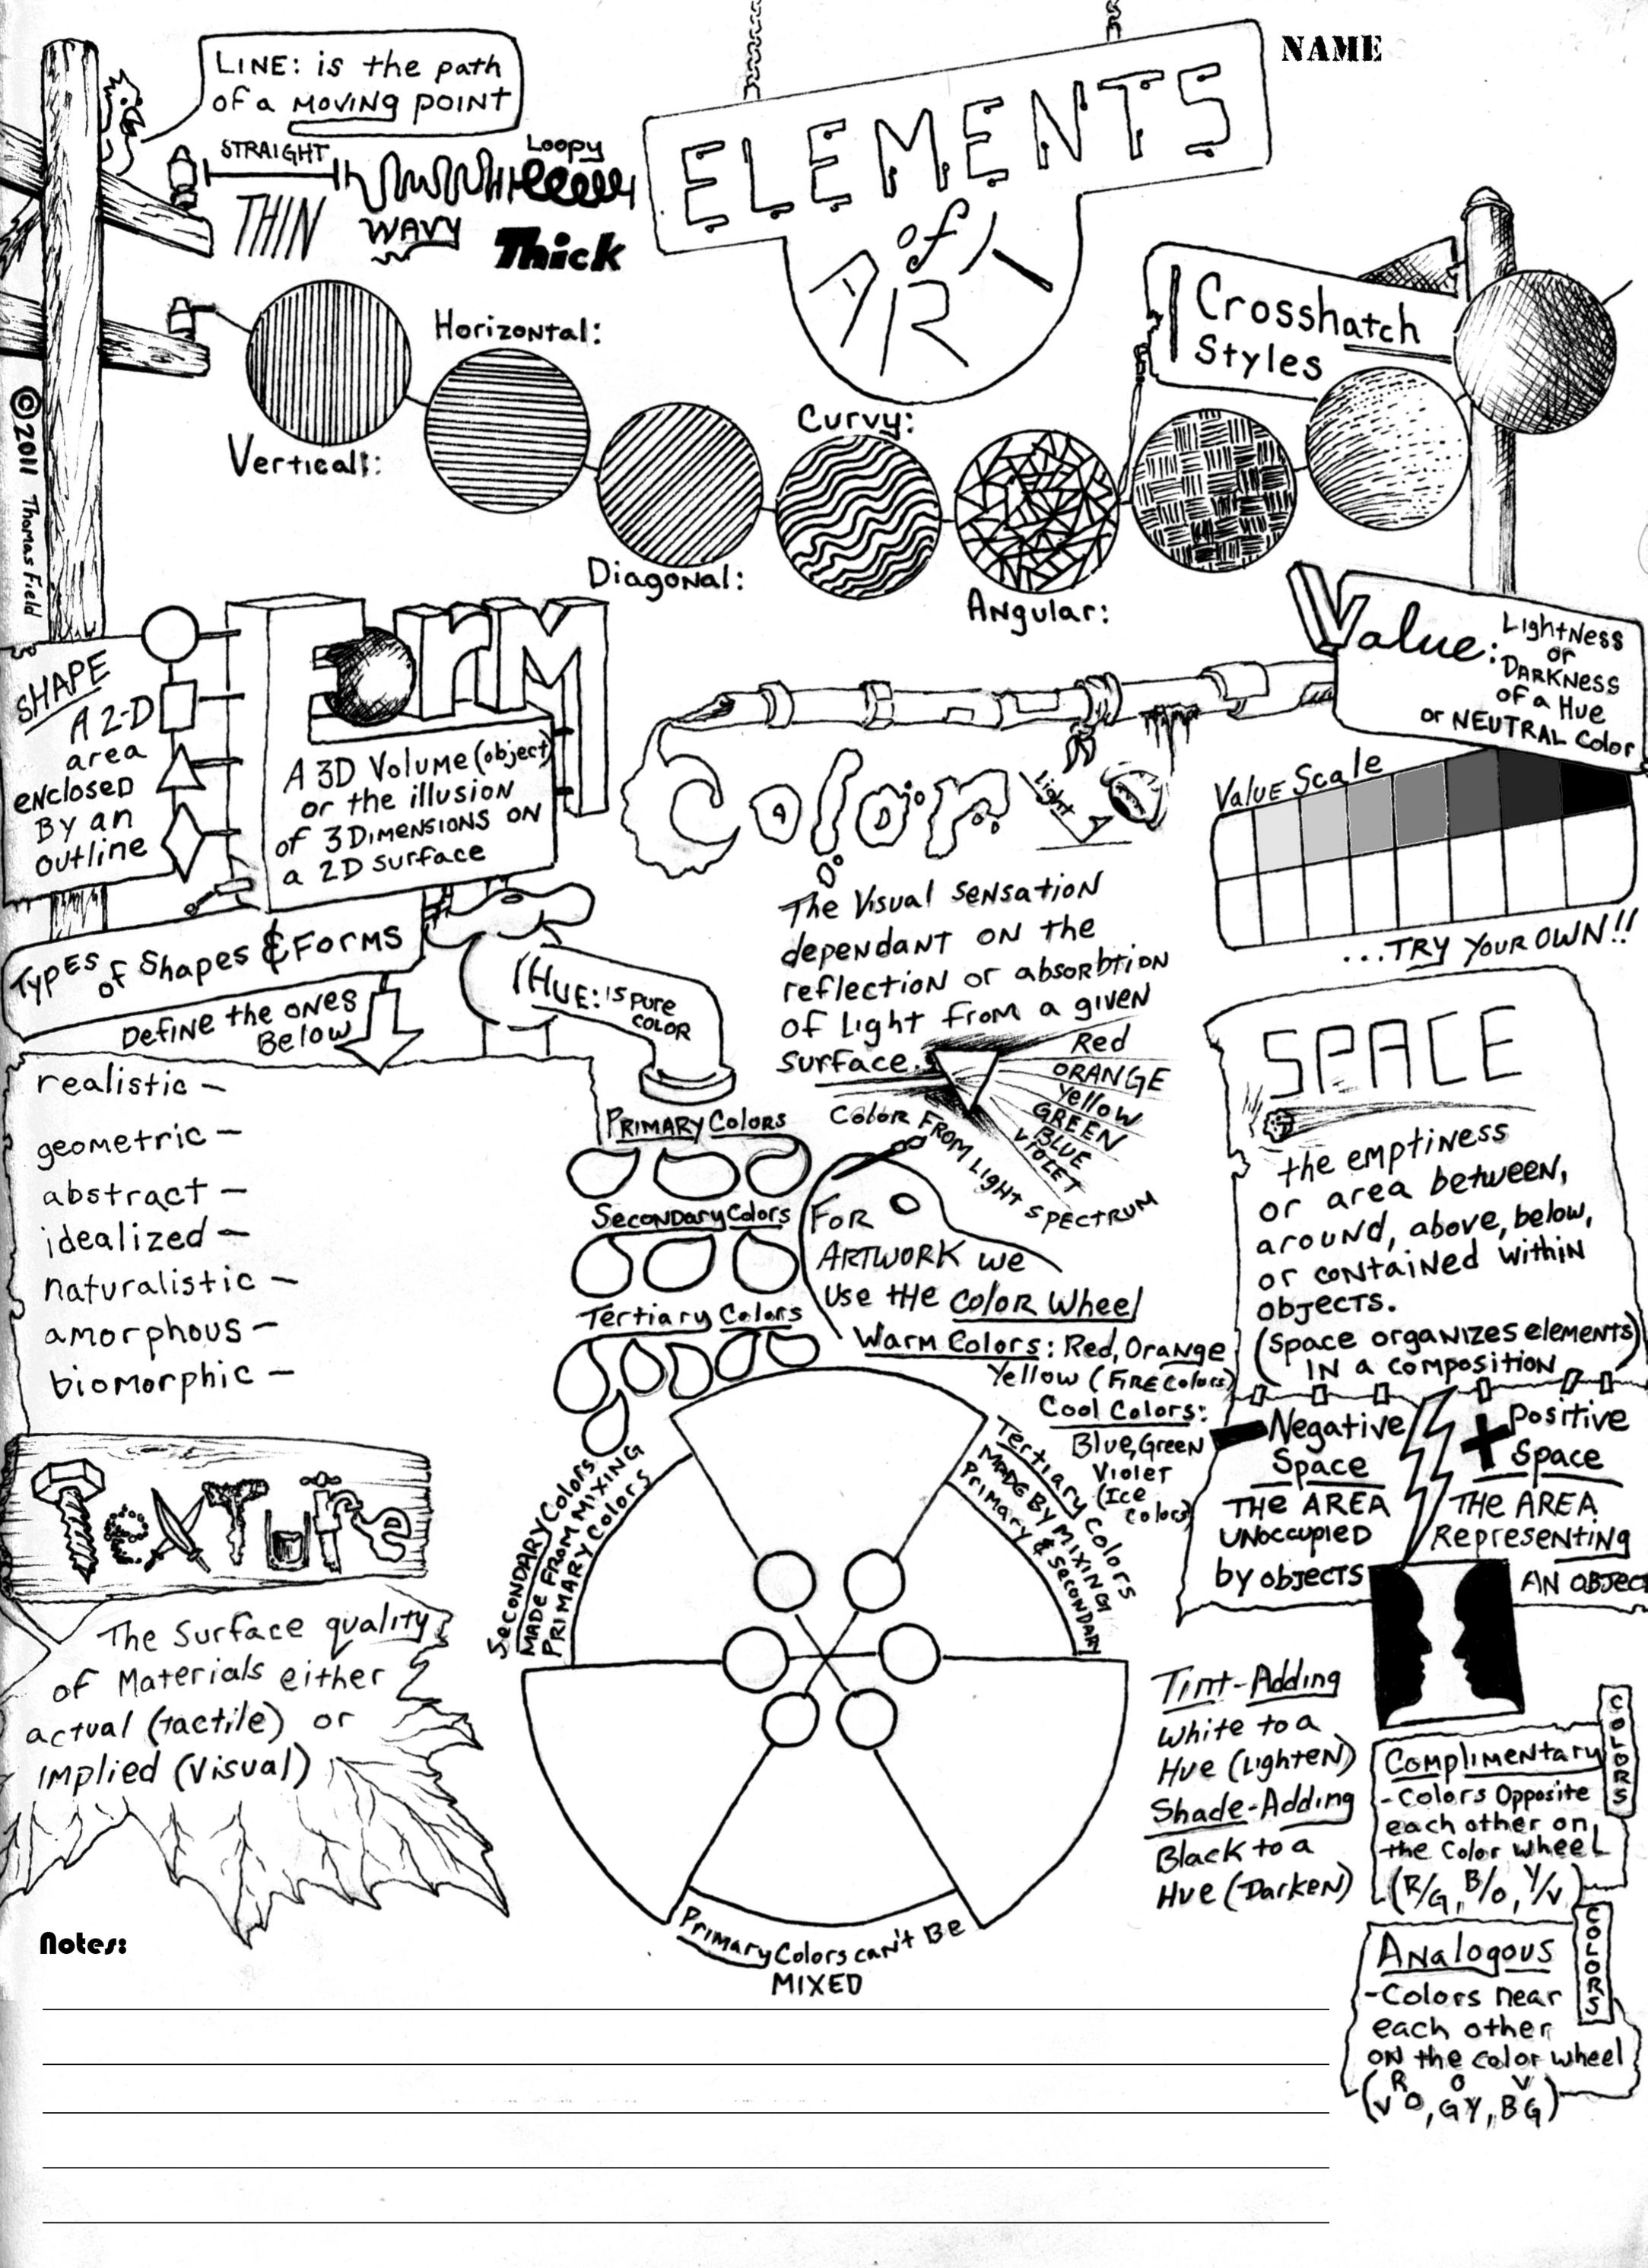 Worksheets Elements Of Art Worksheets elements of art worksheet creativity pinterest elementsofart worksheet